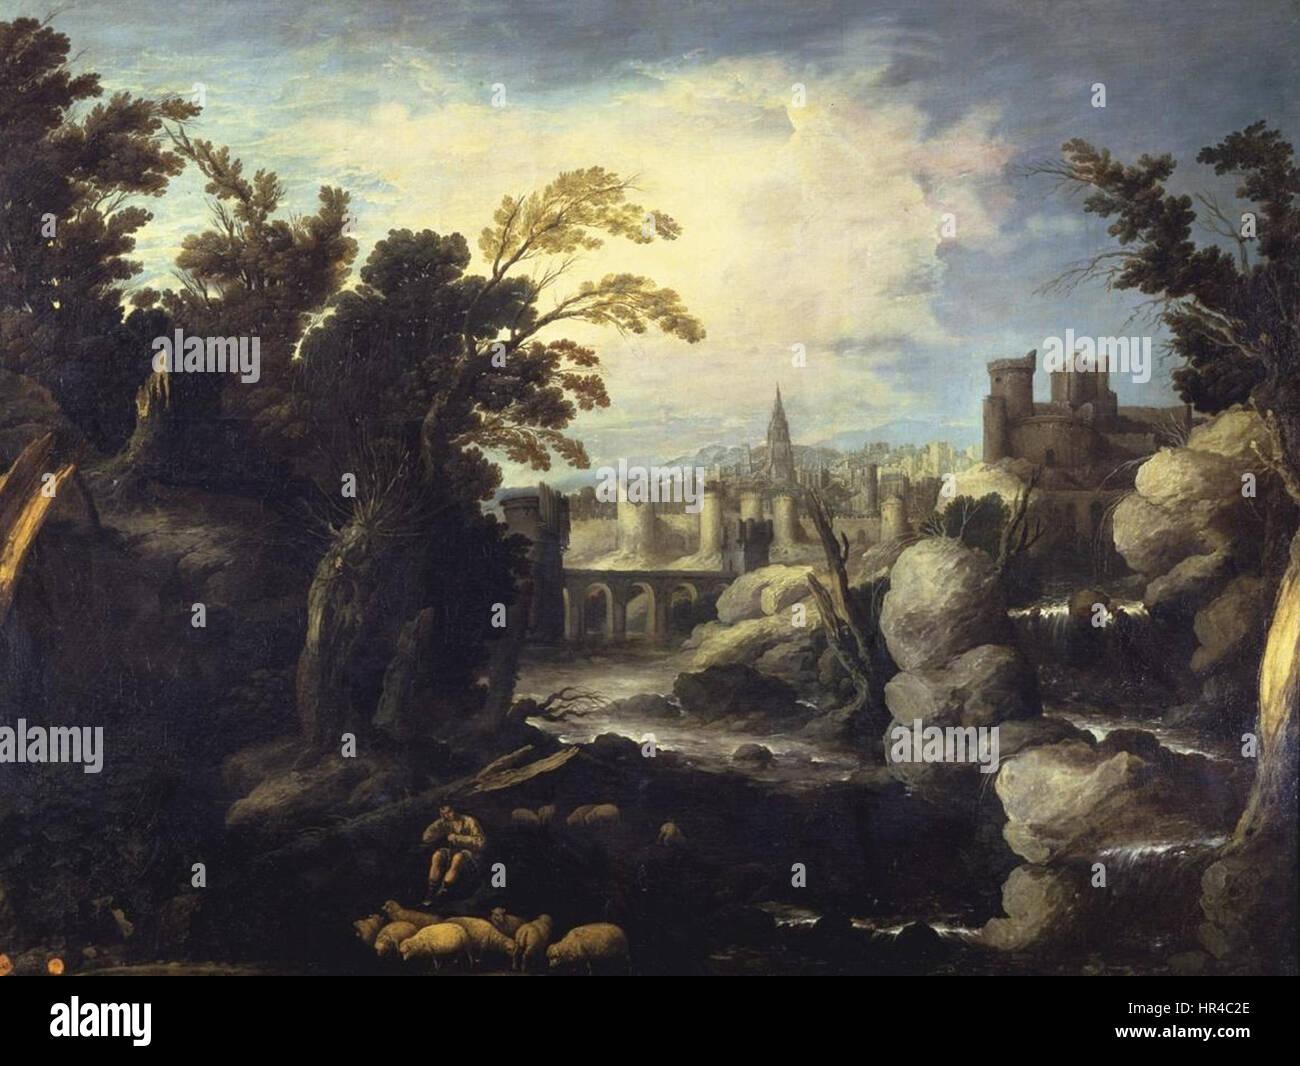 Paisaje con una ciudad, de Francisco Collantes (Real Academia de Bellas Artes de San Fernando) - Stock Image